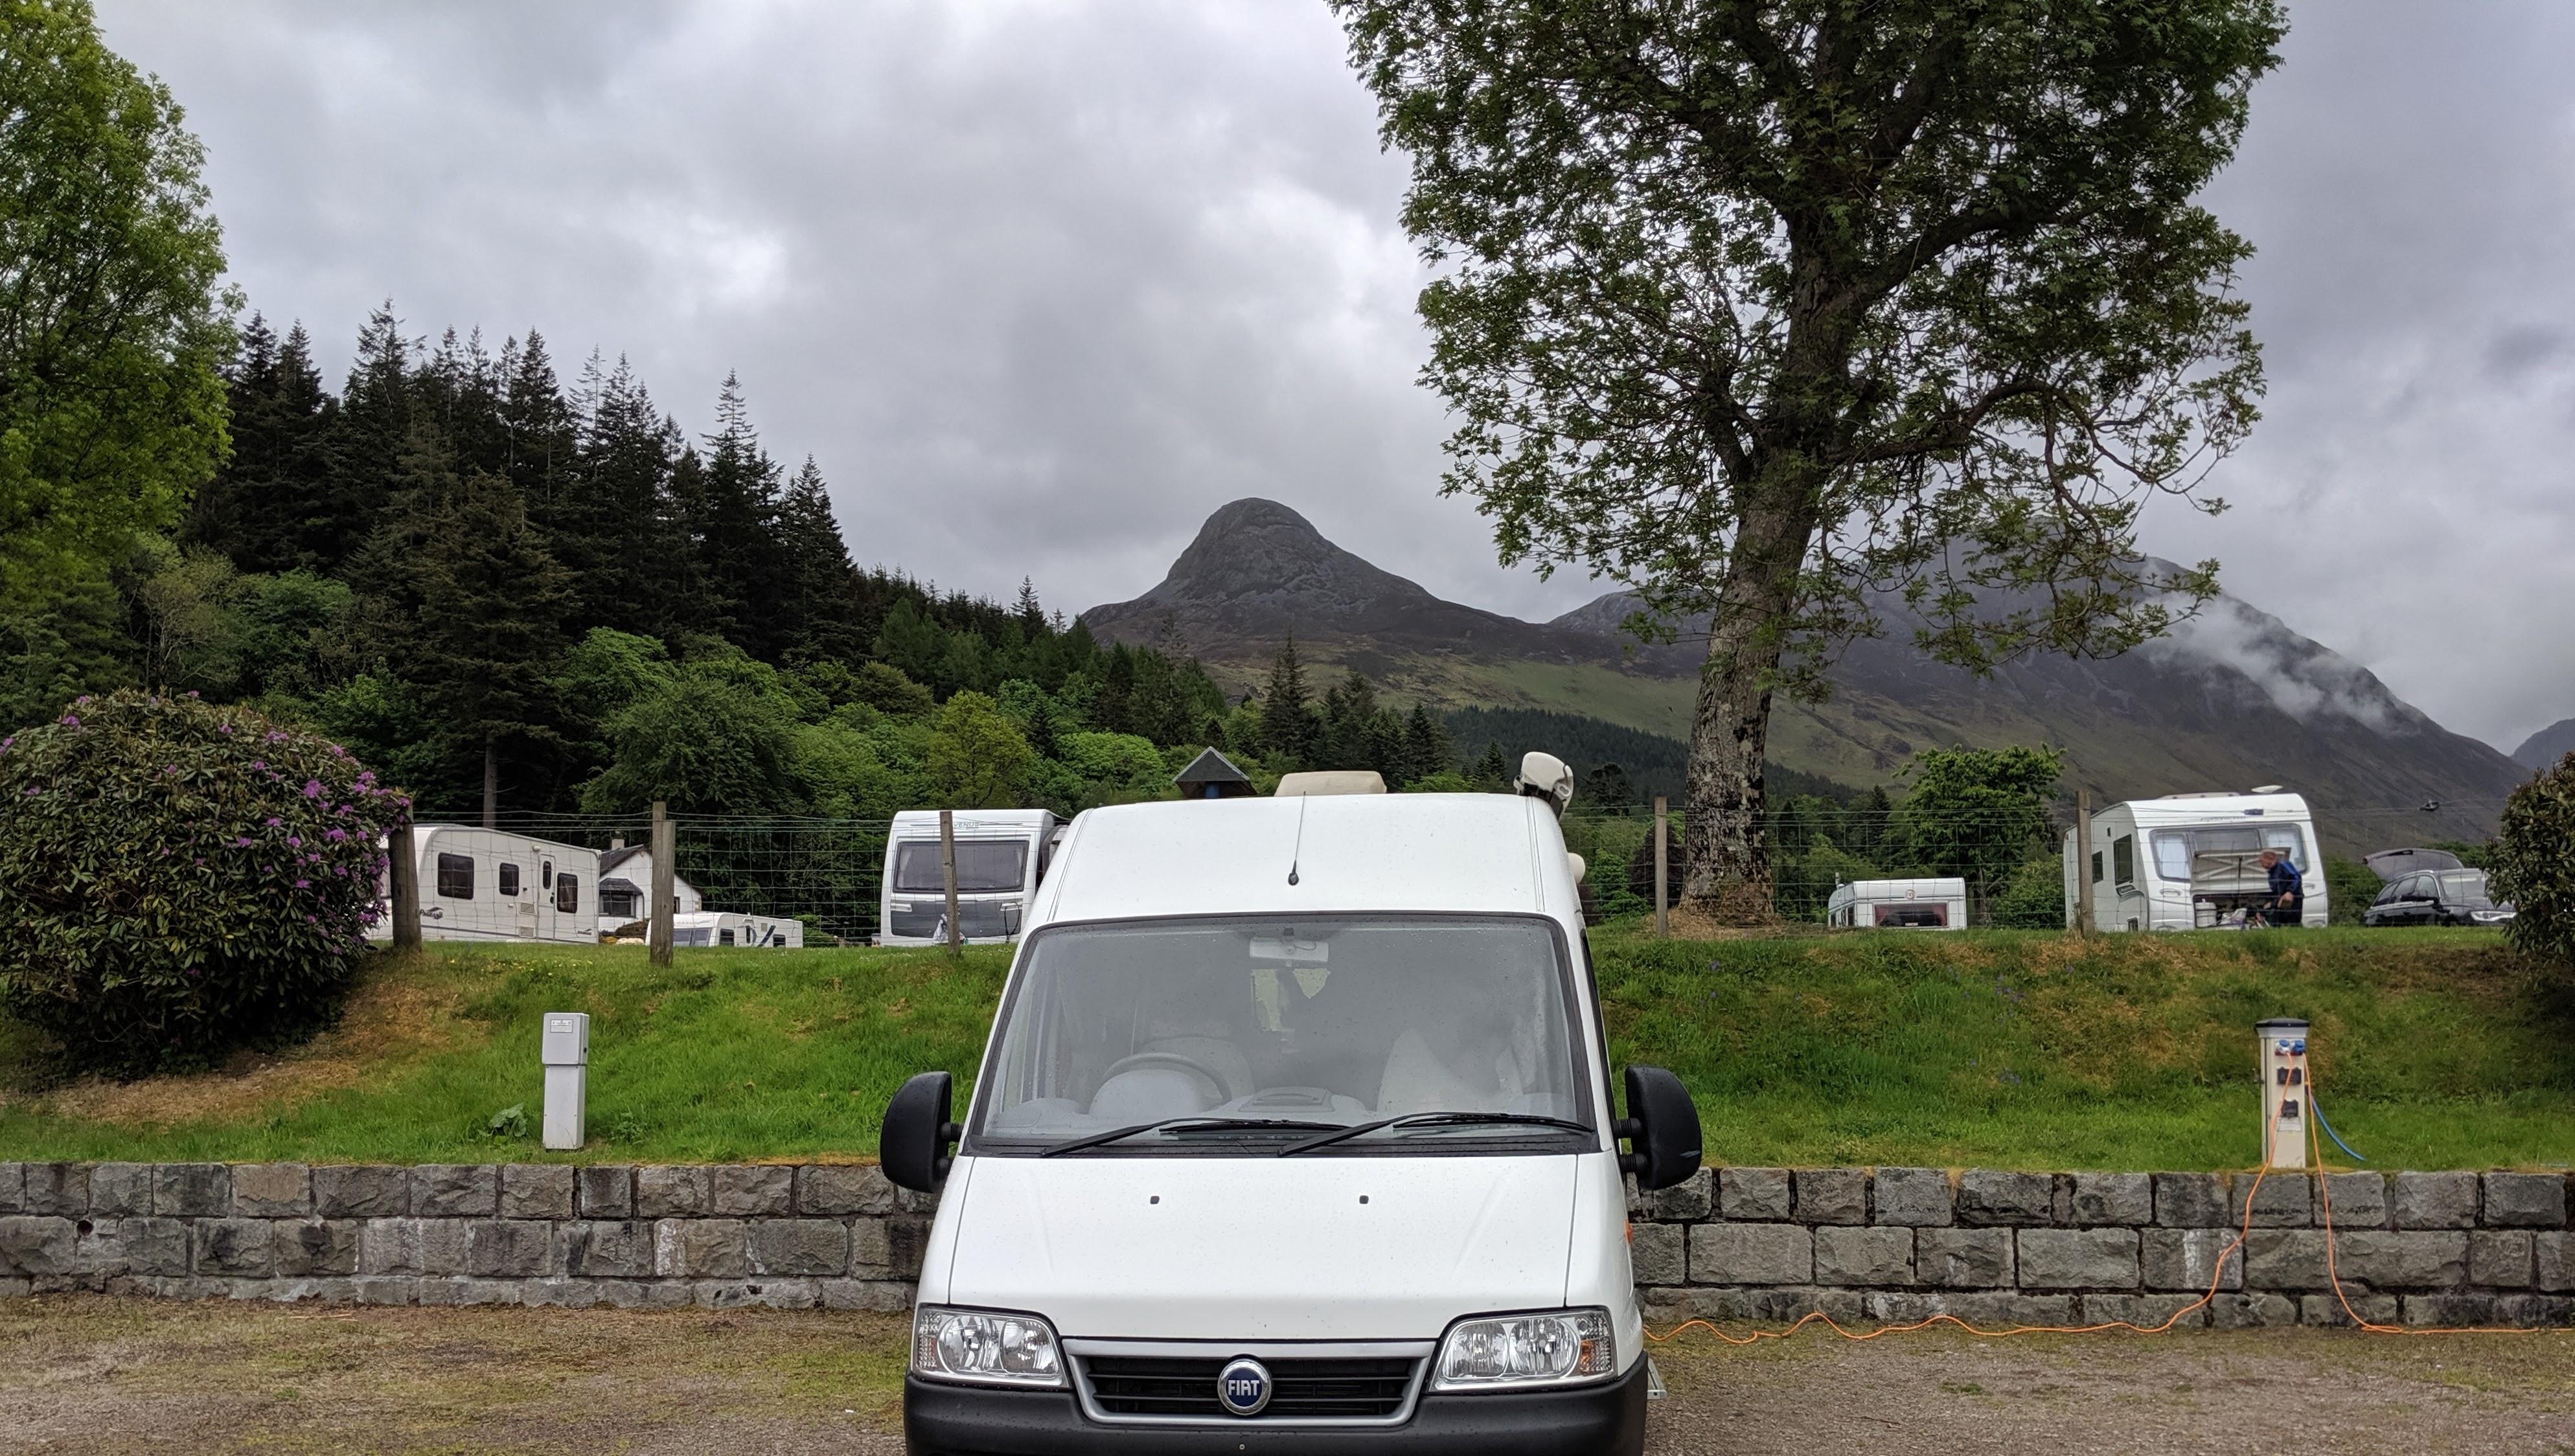 Campervan in scottish campsite